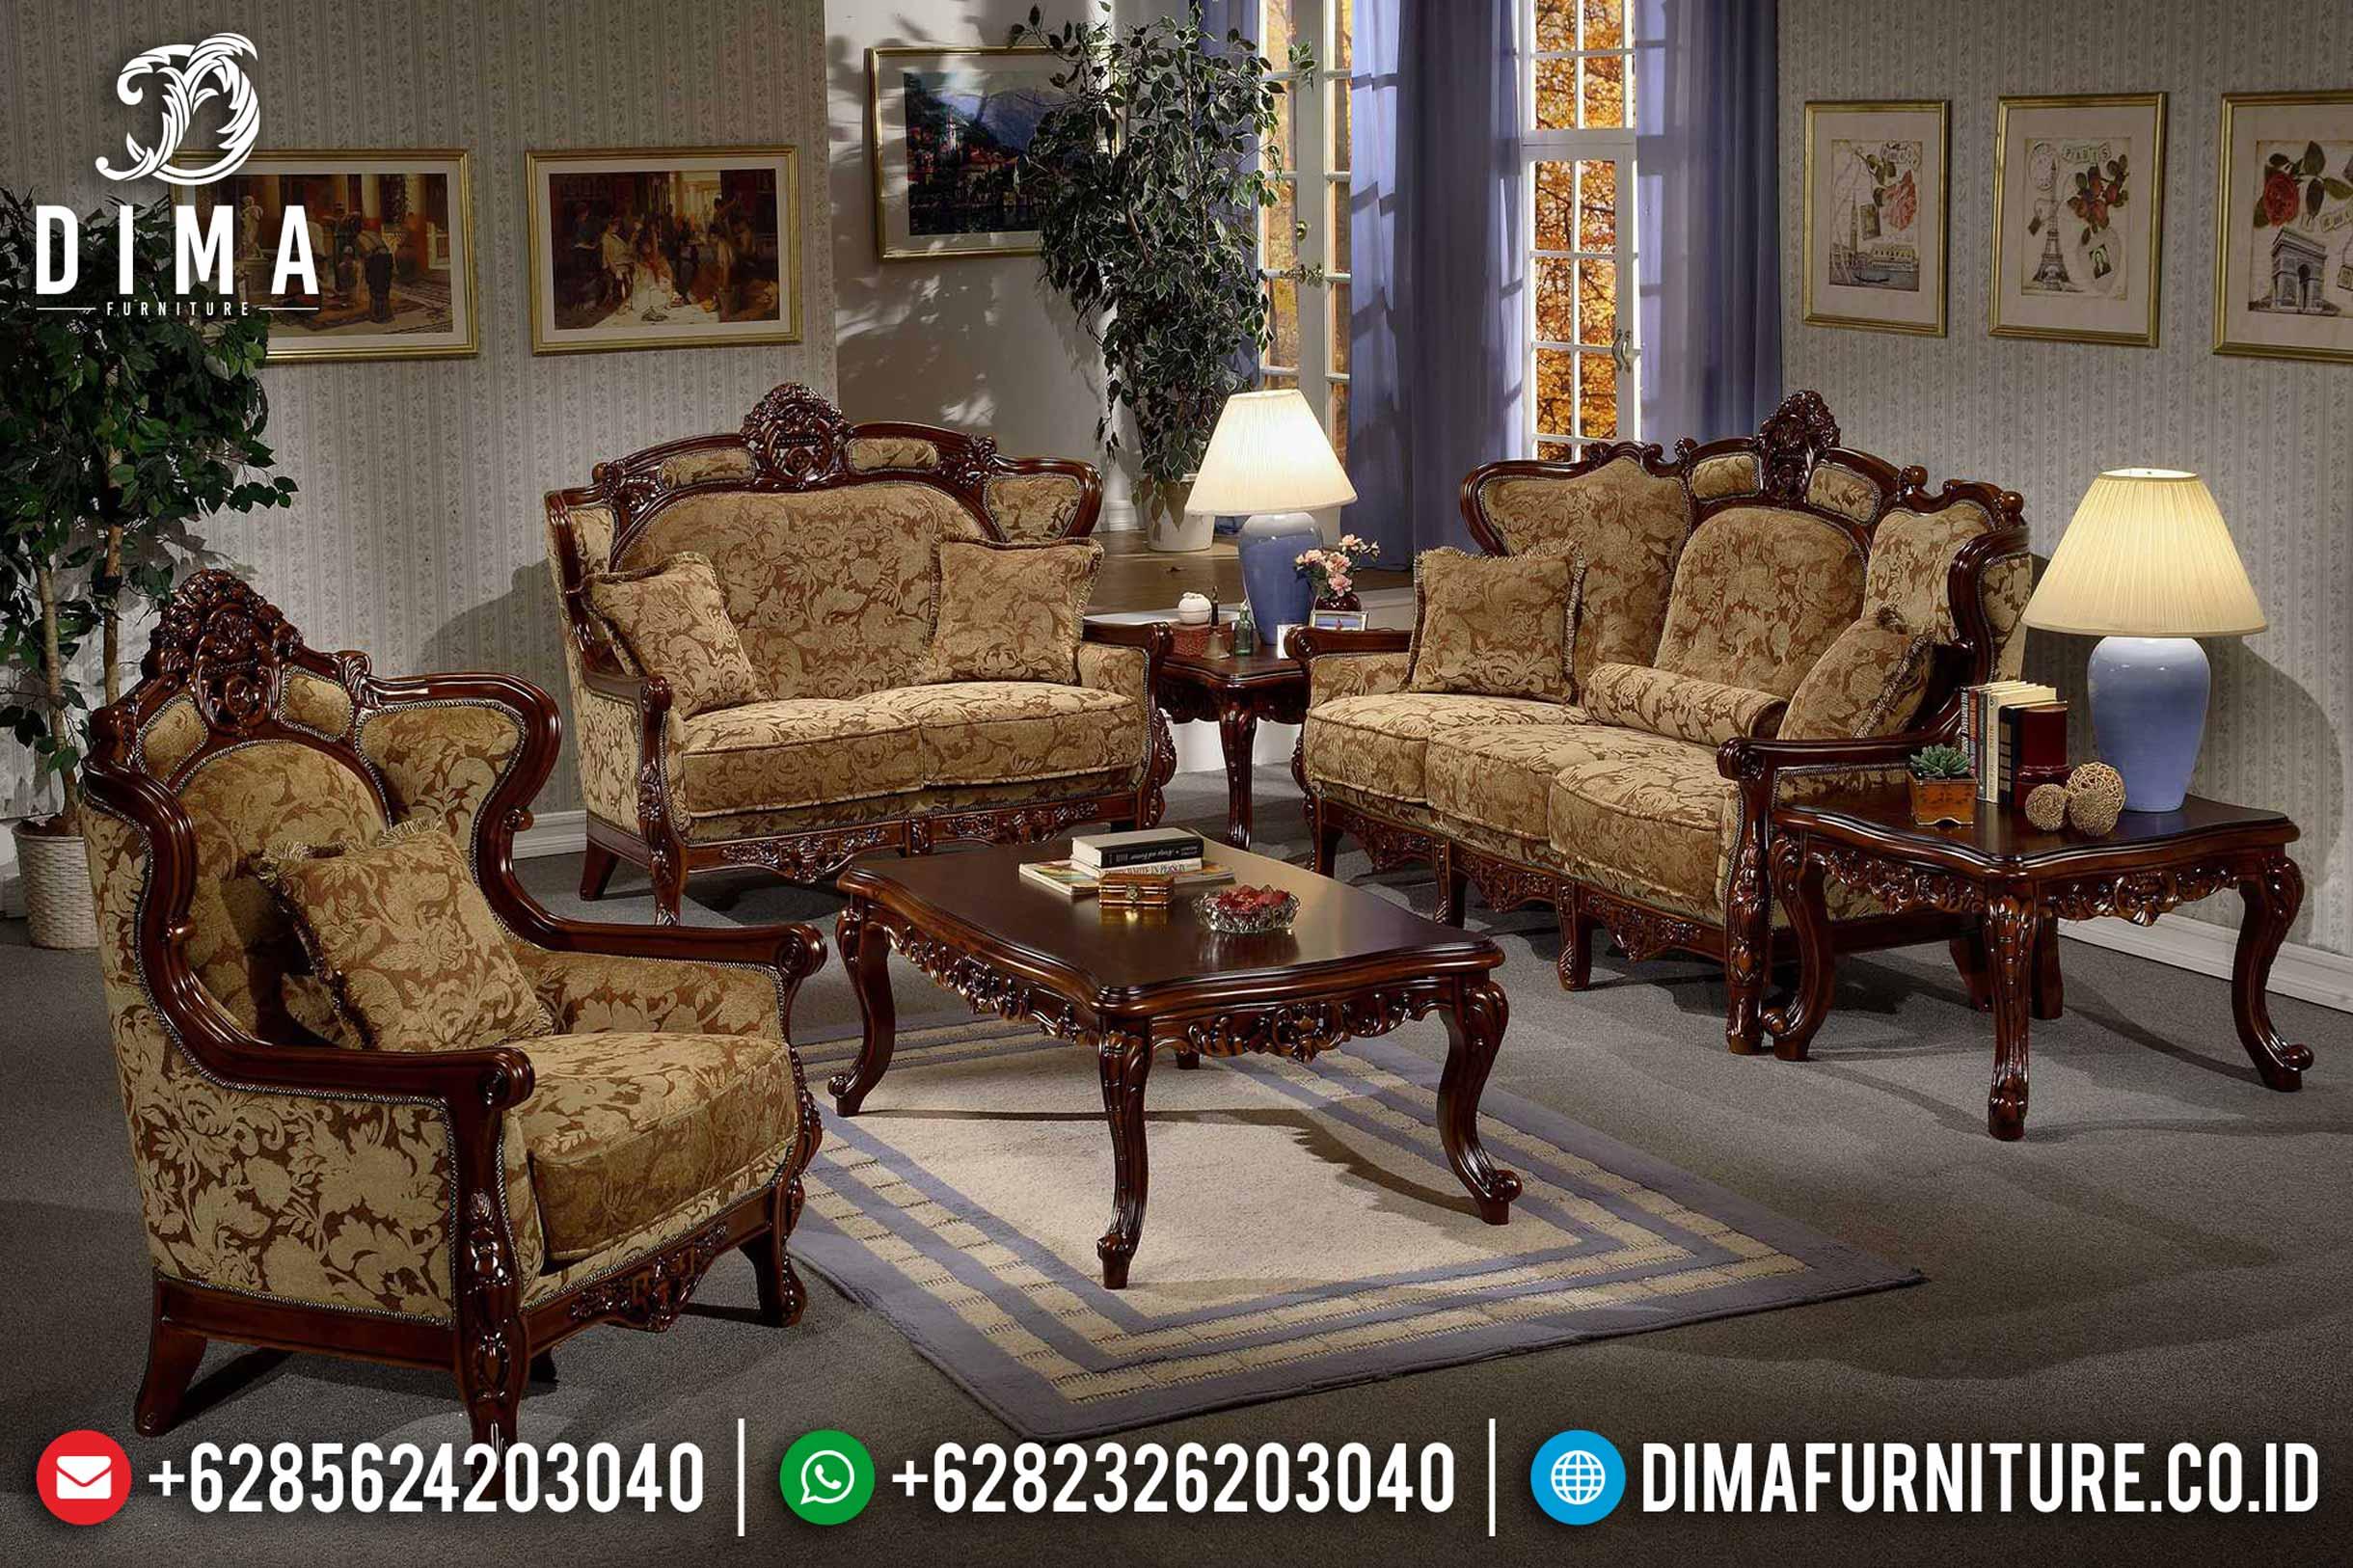 Sofa Tamu Jepara Mewah Minimalis Terbaru 06 Dima Furniture Jepara